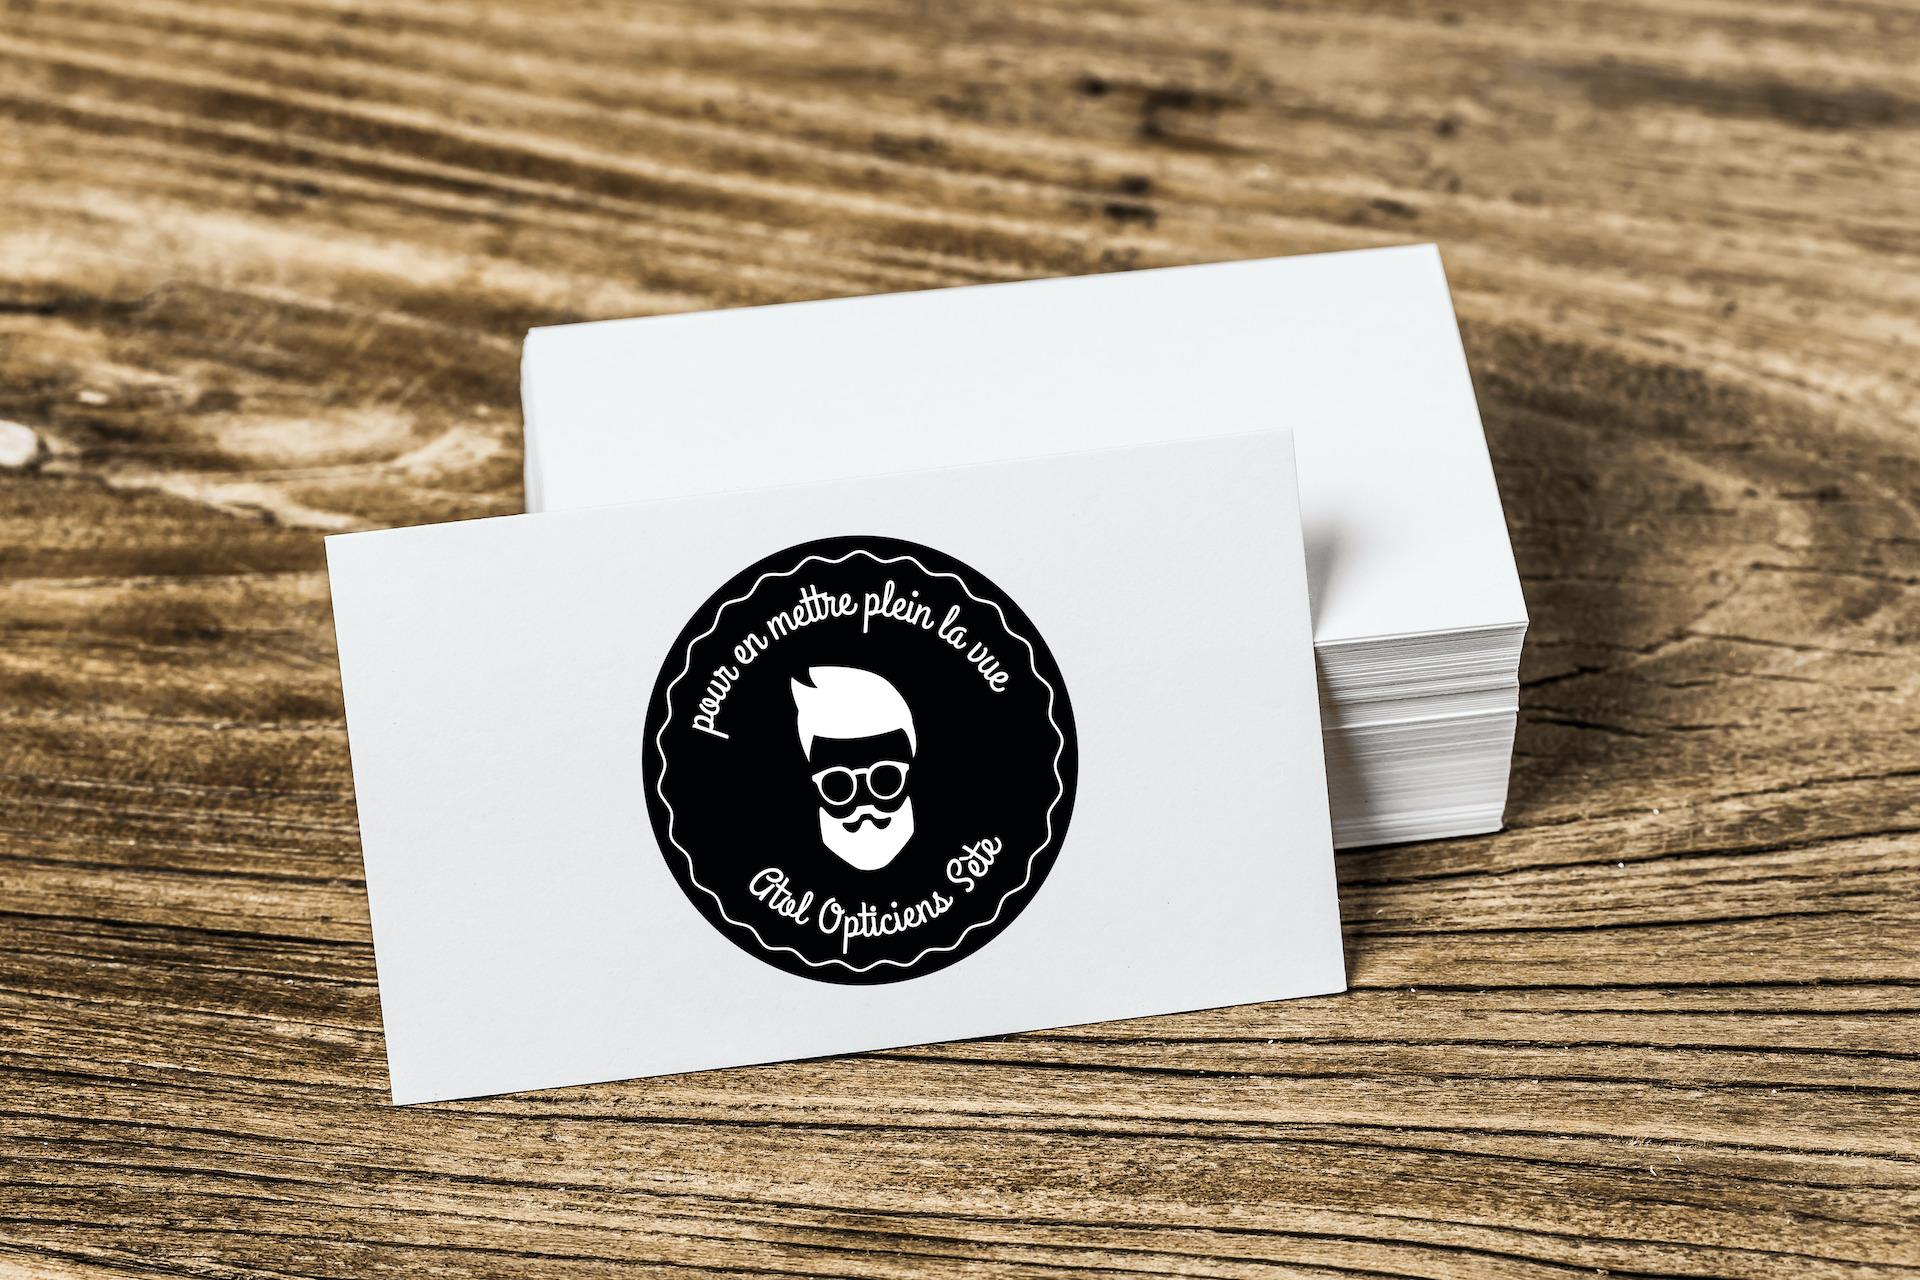 Tas de stickers noirs posé sur une planche en bois